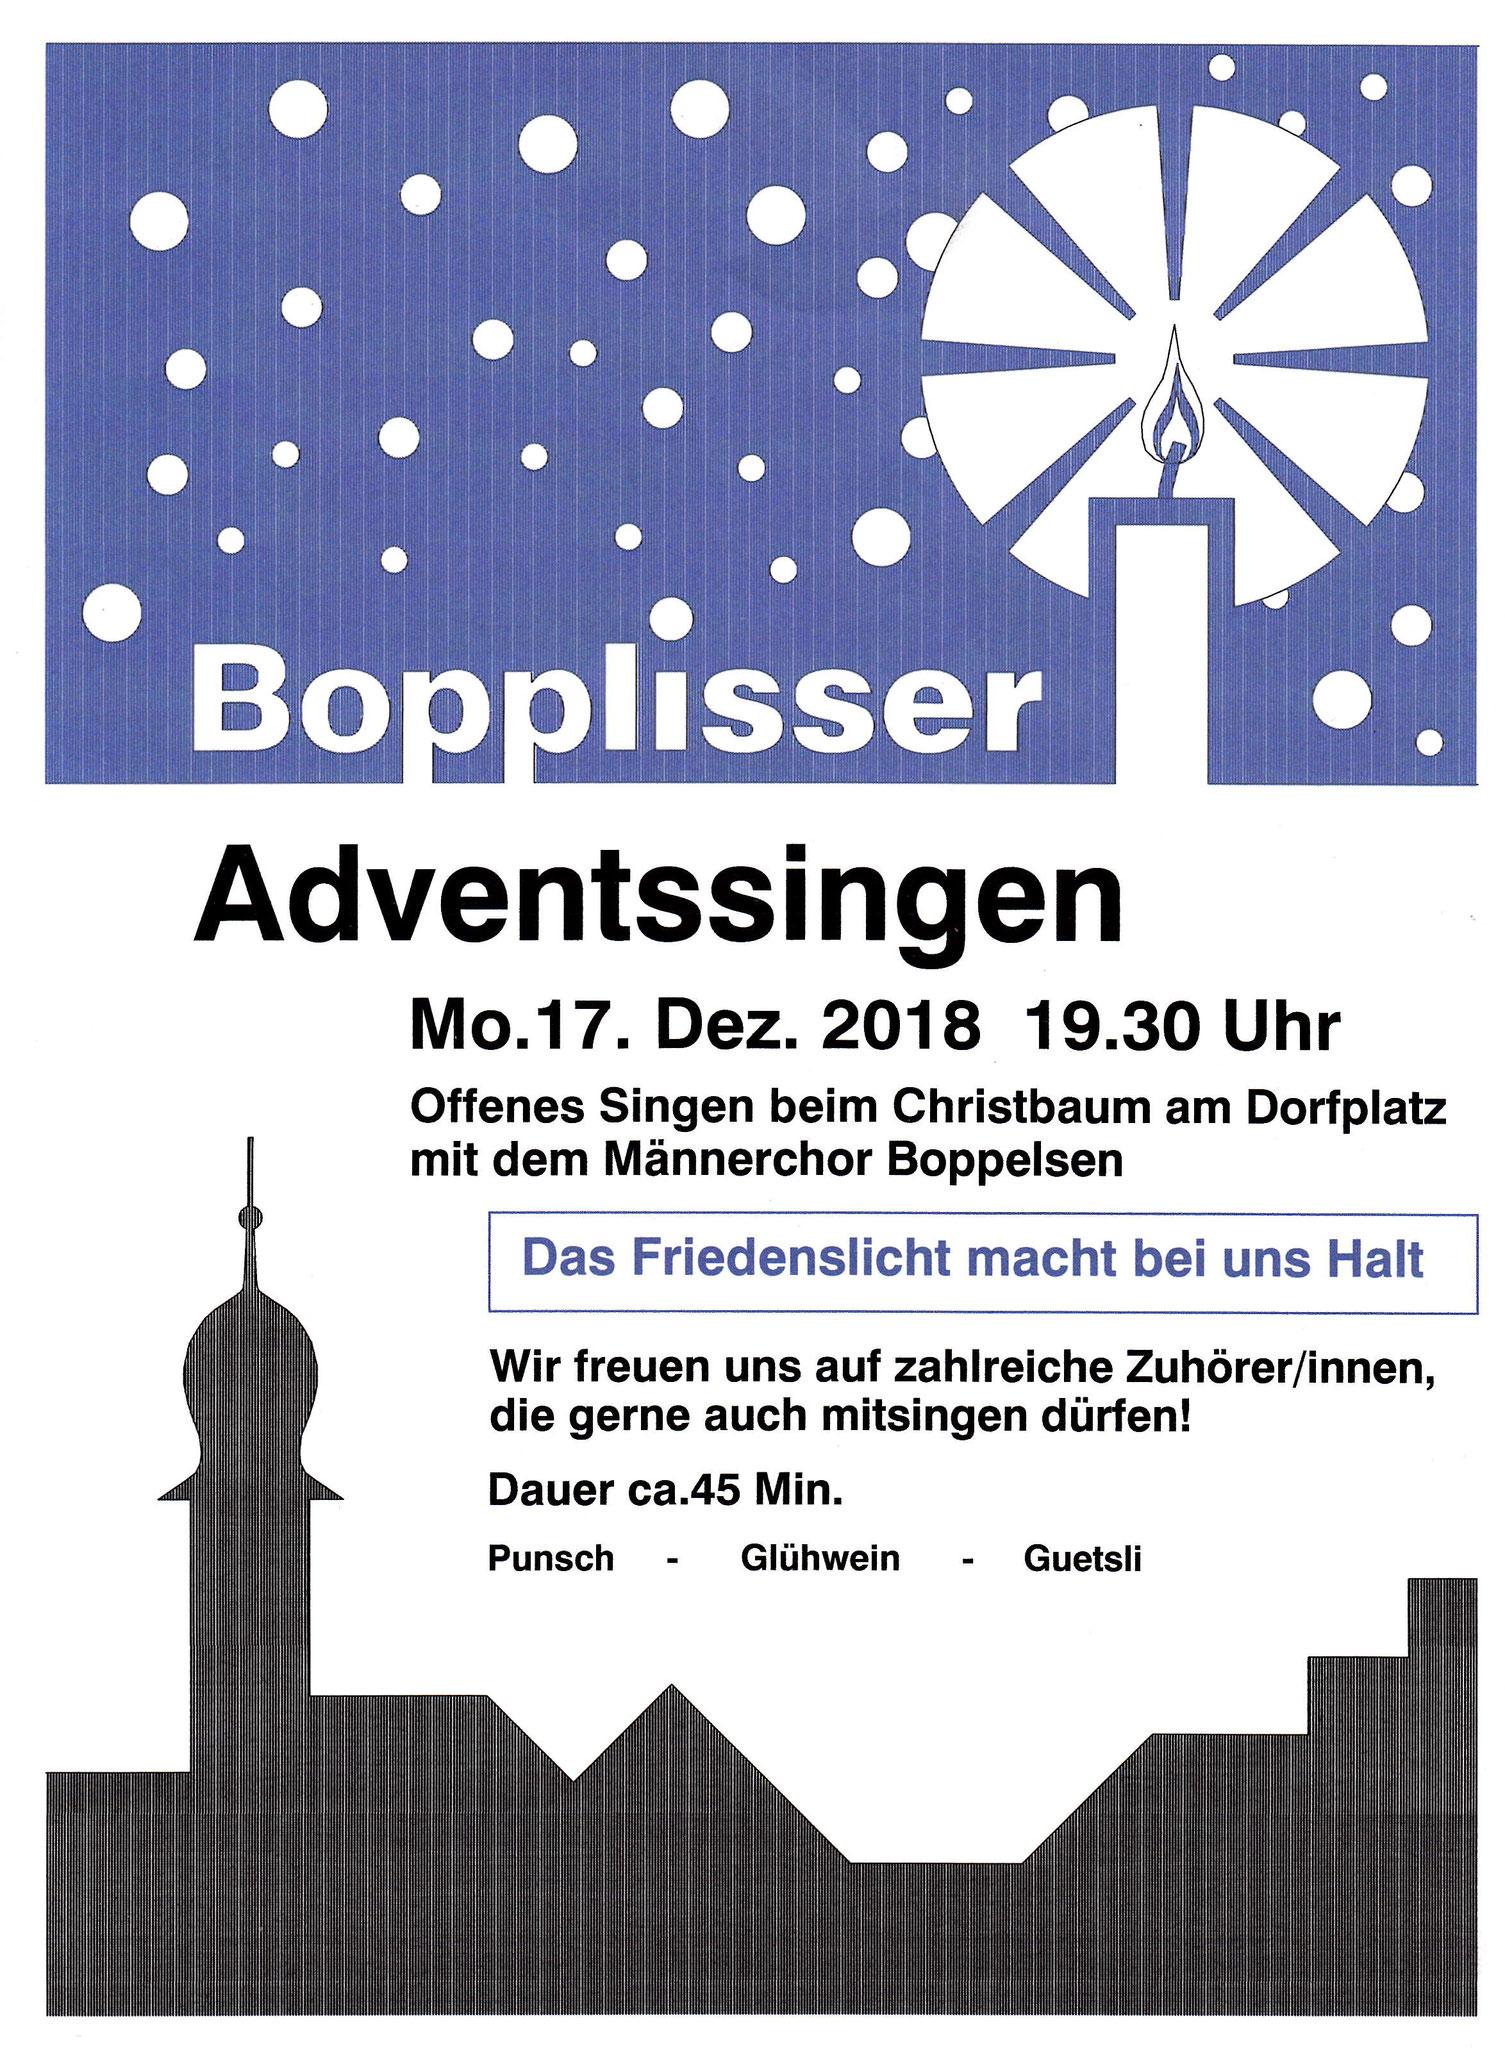 Adventssingen-Flyer 2018